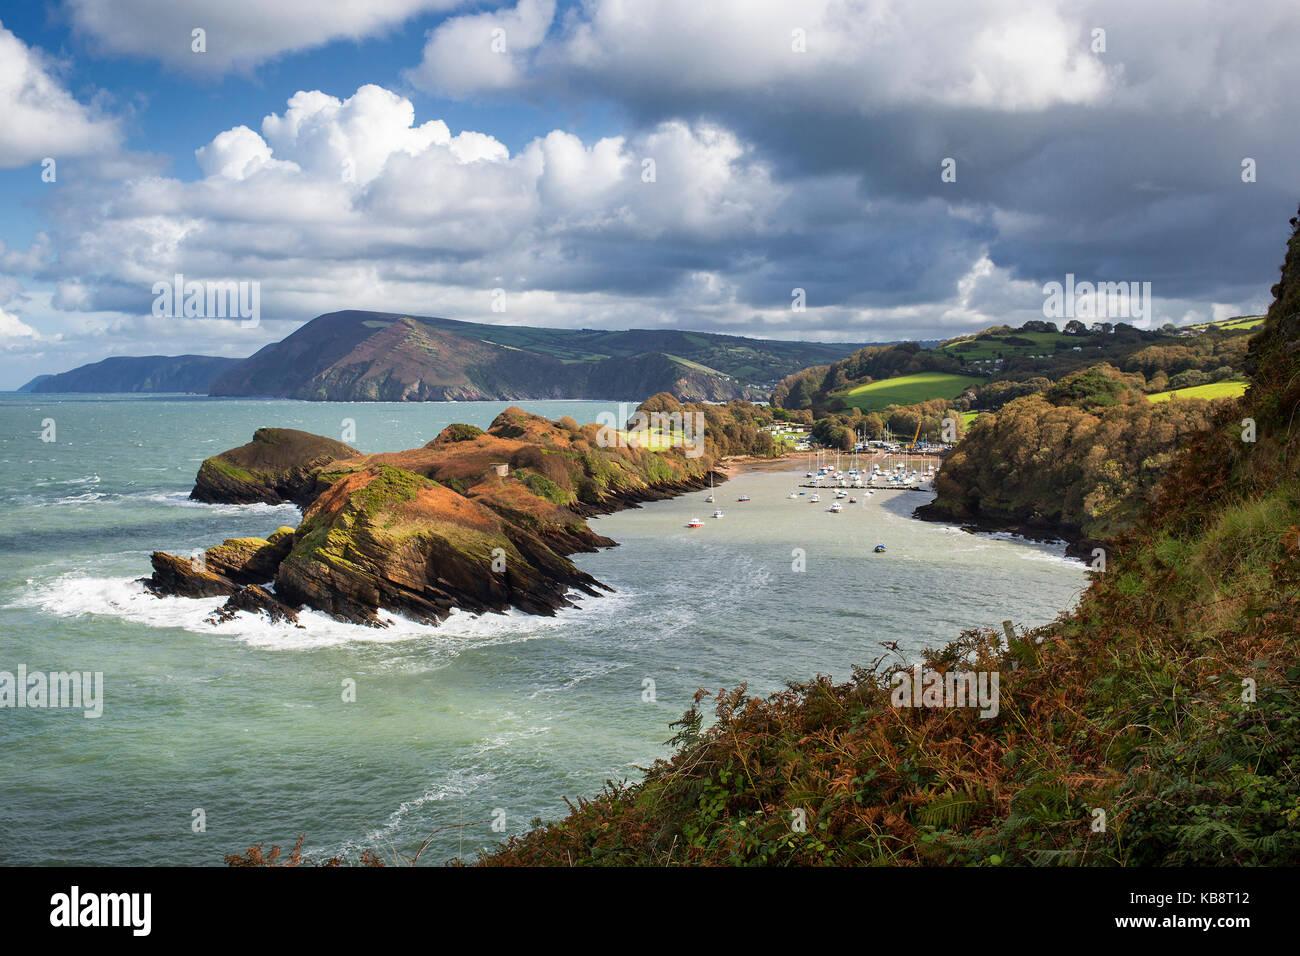 Paisaje costero en la bahía de boca de agua, cerca de Ilfracombe en north Devon, Reino Unido Imagen De Stock